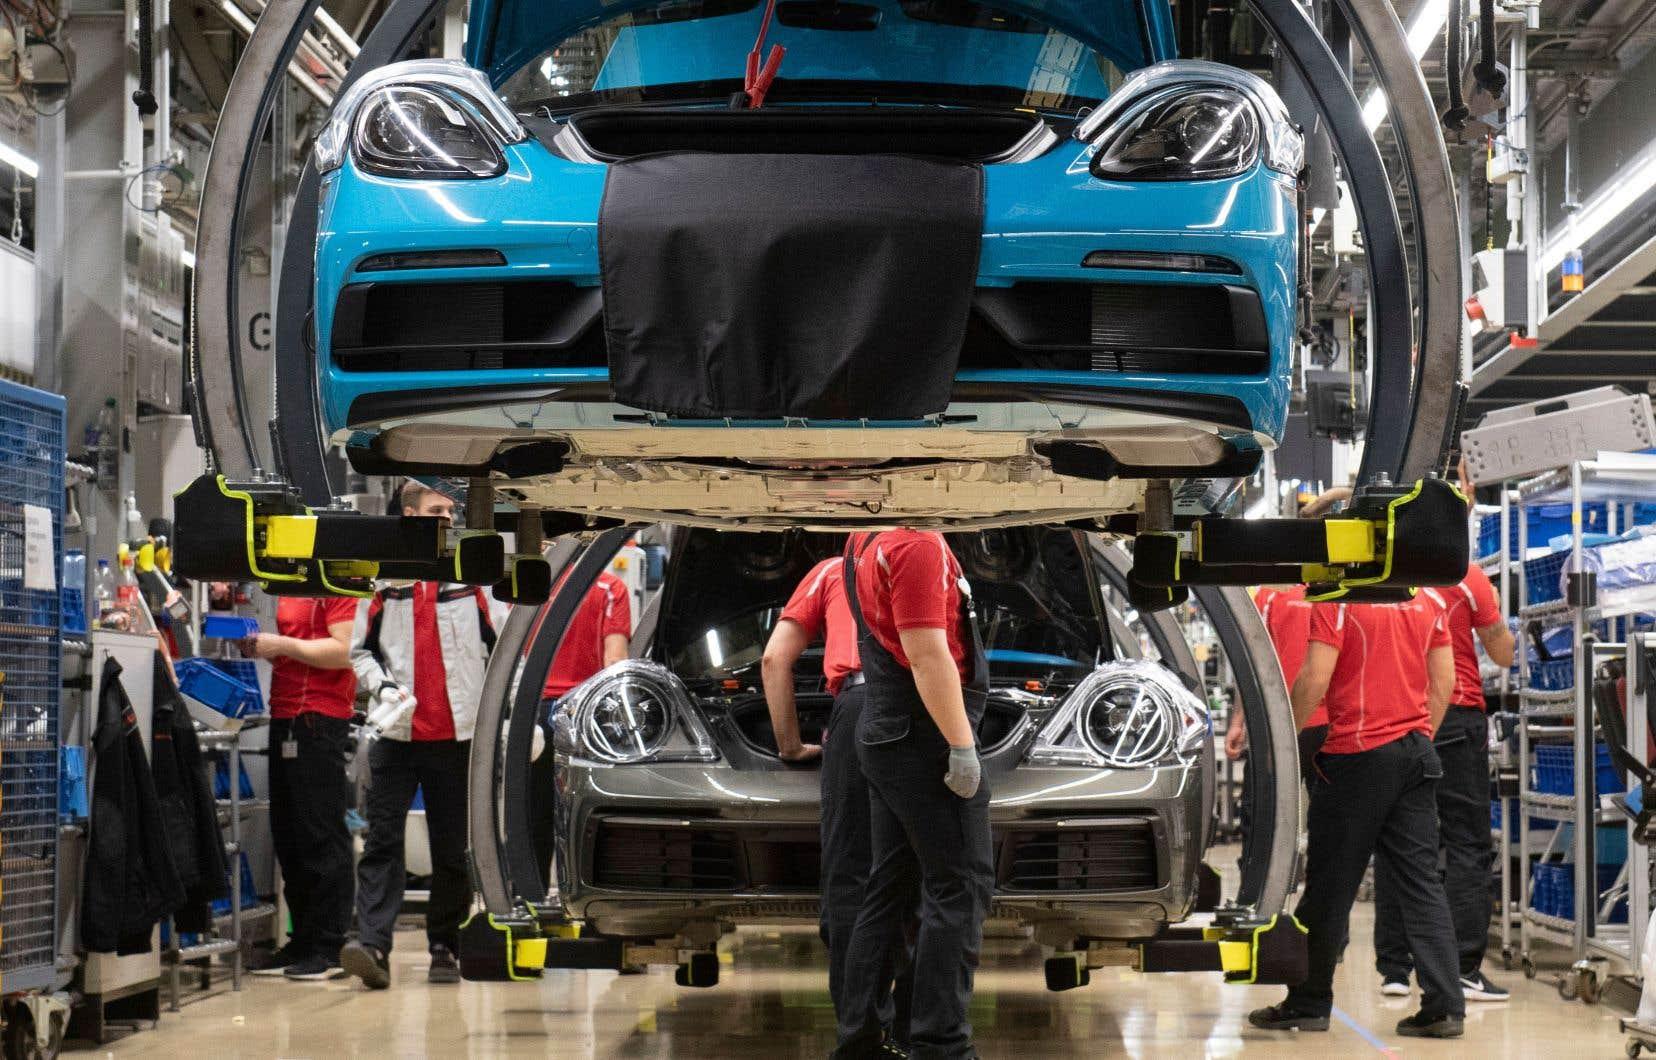 Donald Trump a réitéré récemment sa menace d'imposer d'autres tarifs, cette fois sur les importations d'autos étrangères. Une telle mesure serait extrêmement dommageable pour le commerce et l'économie mondiale, ont prévenu mardi les économistes de l'OMC.